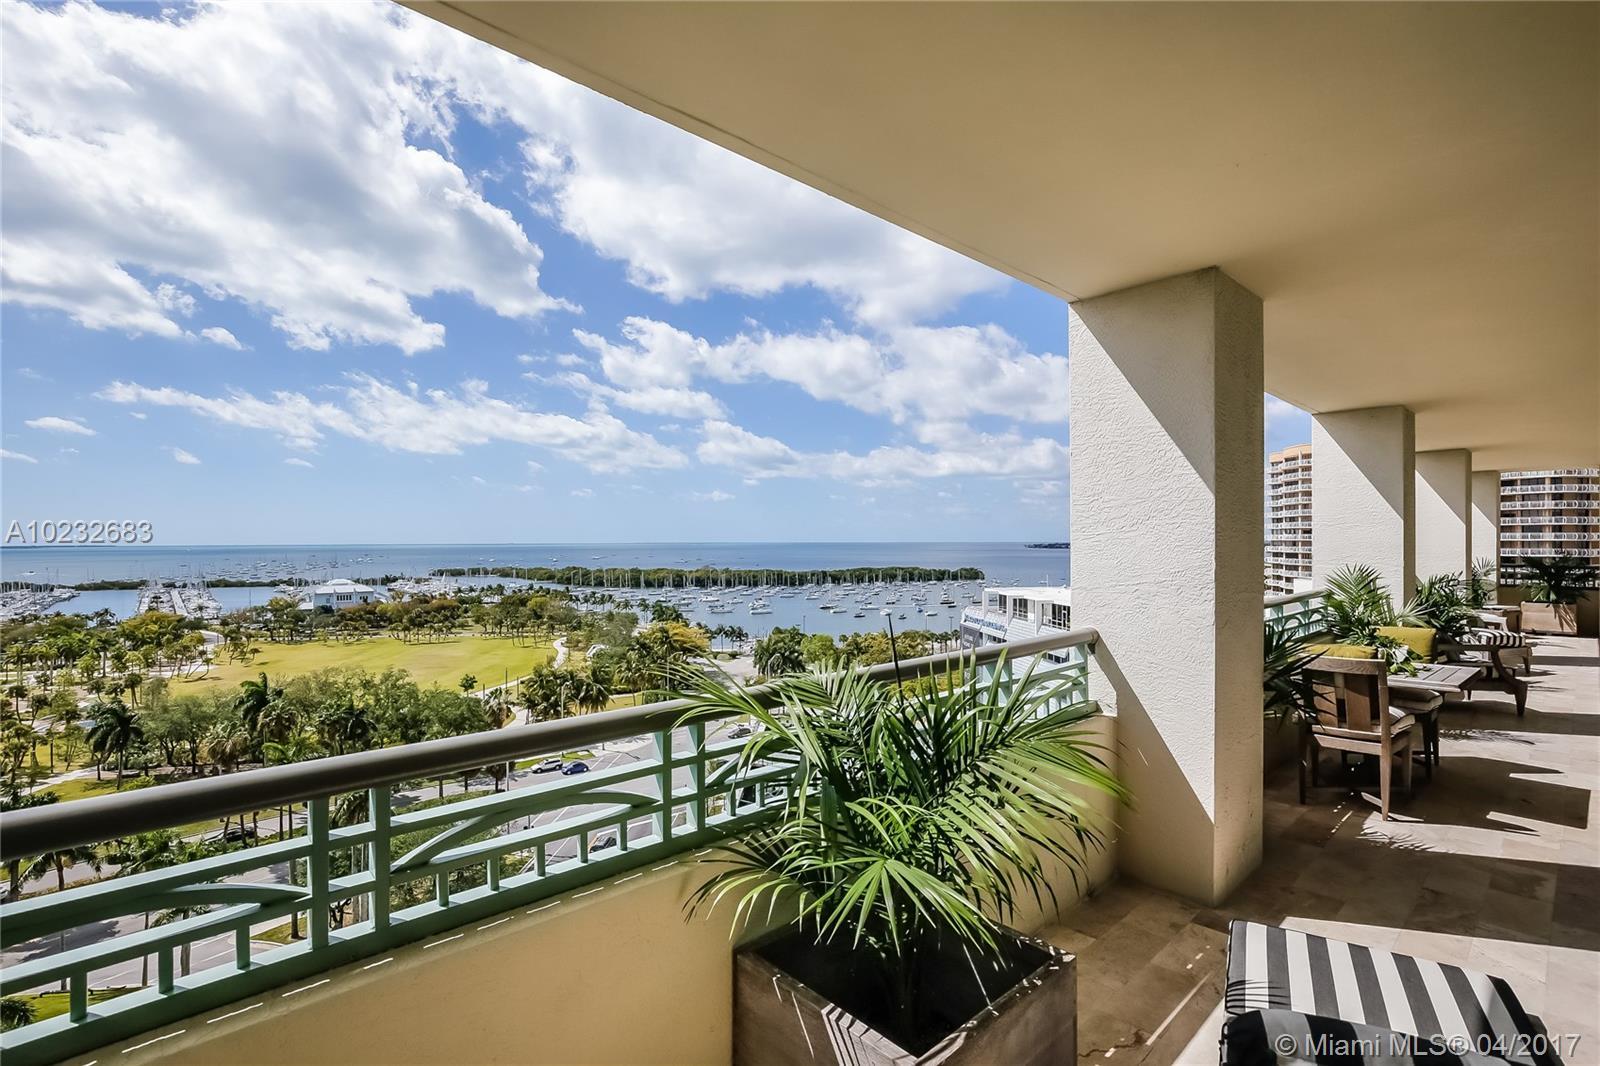 Ritz Carlton Coconut Grove